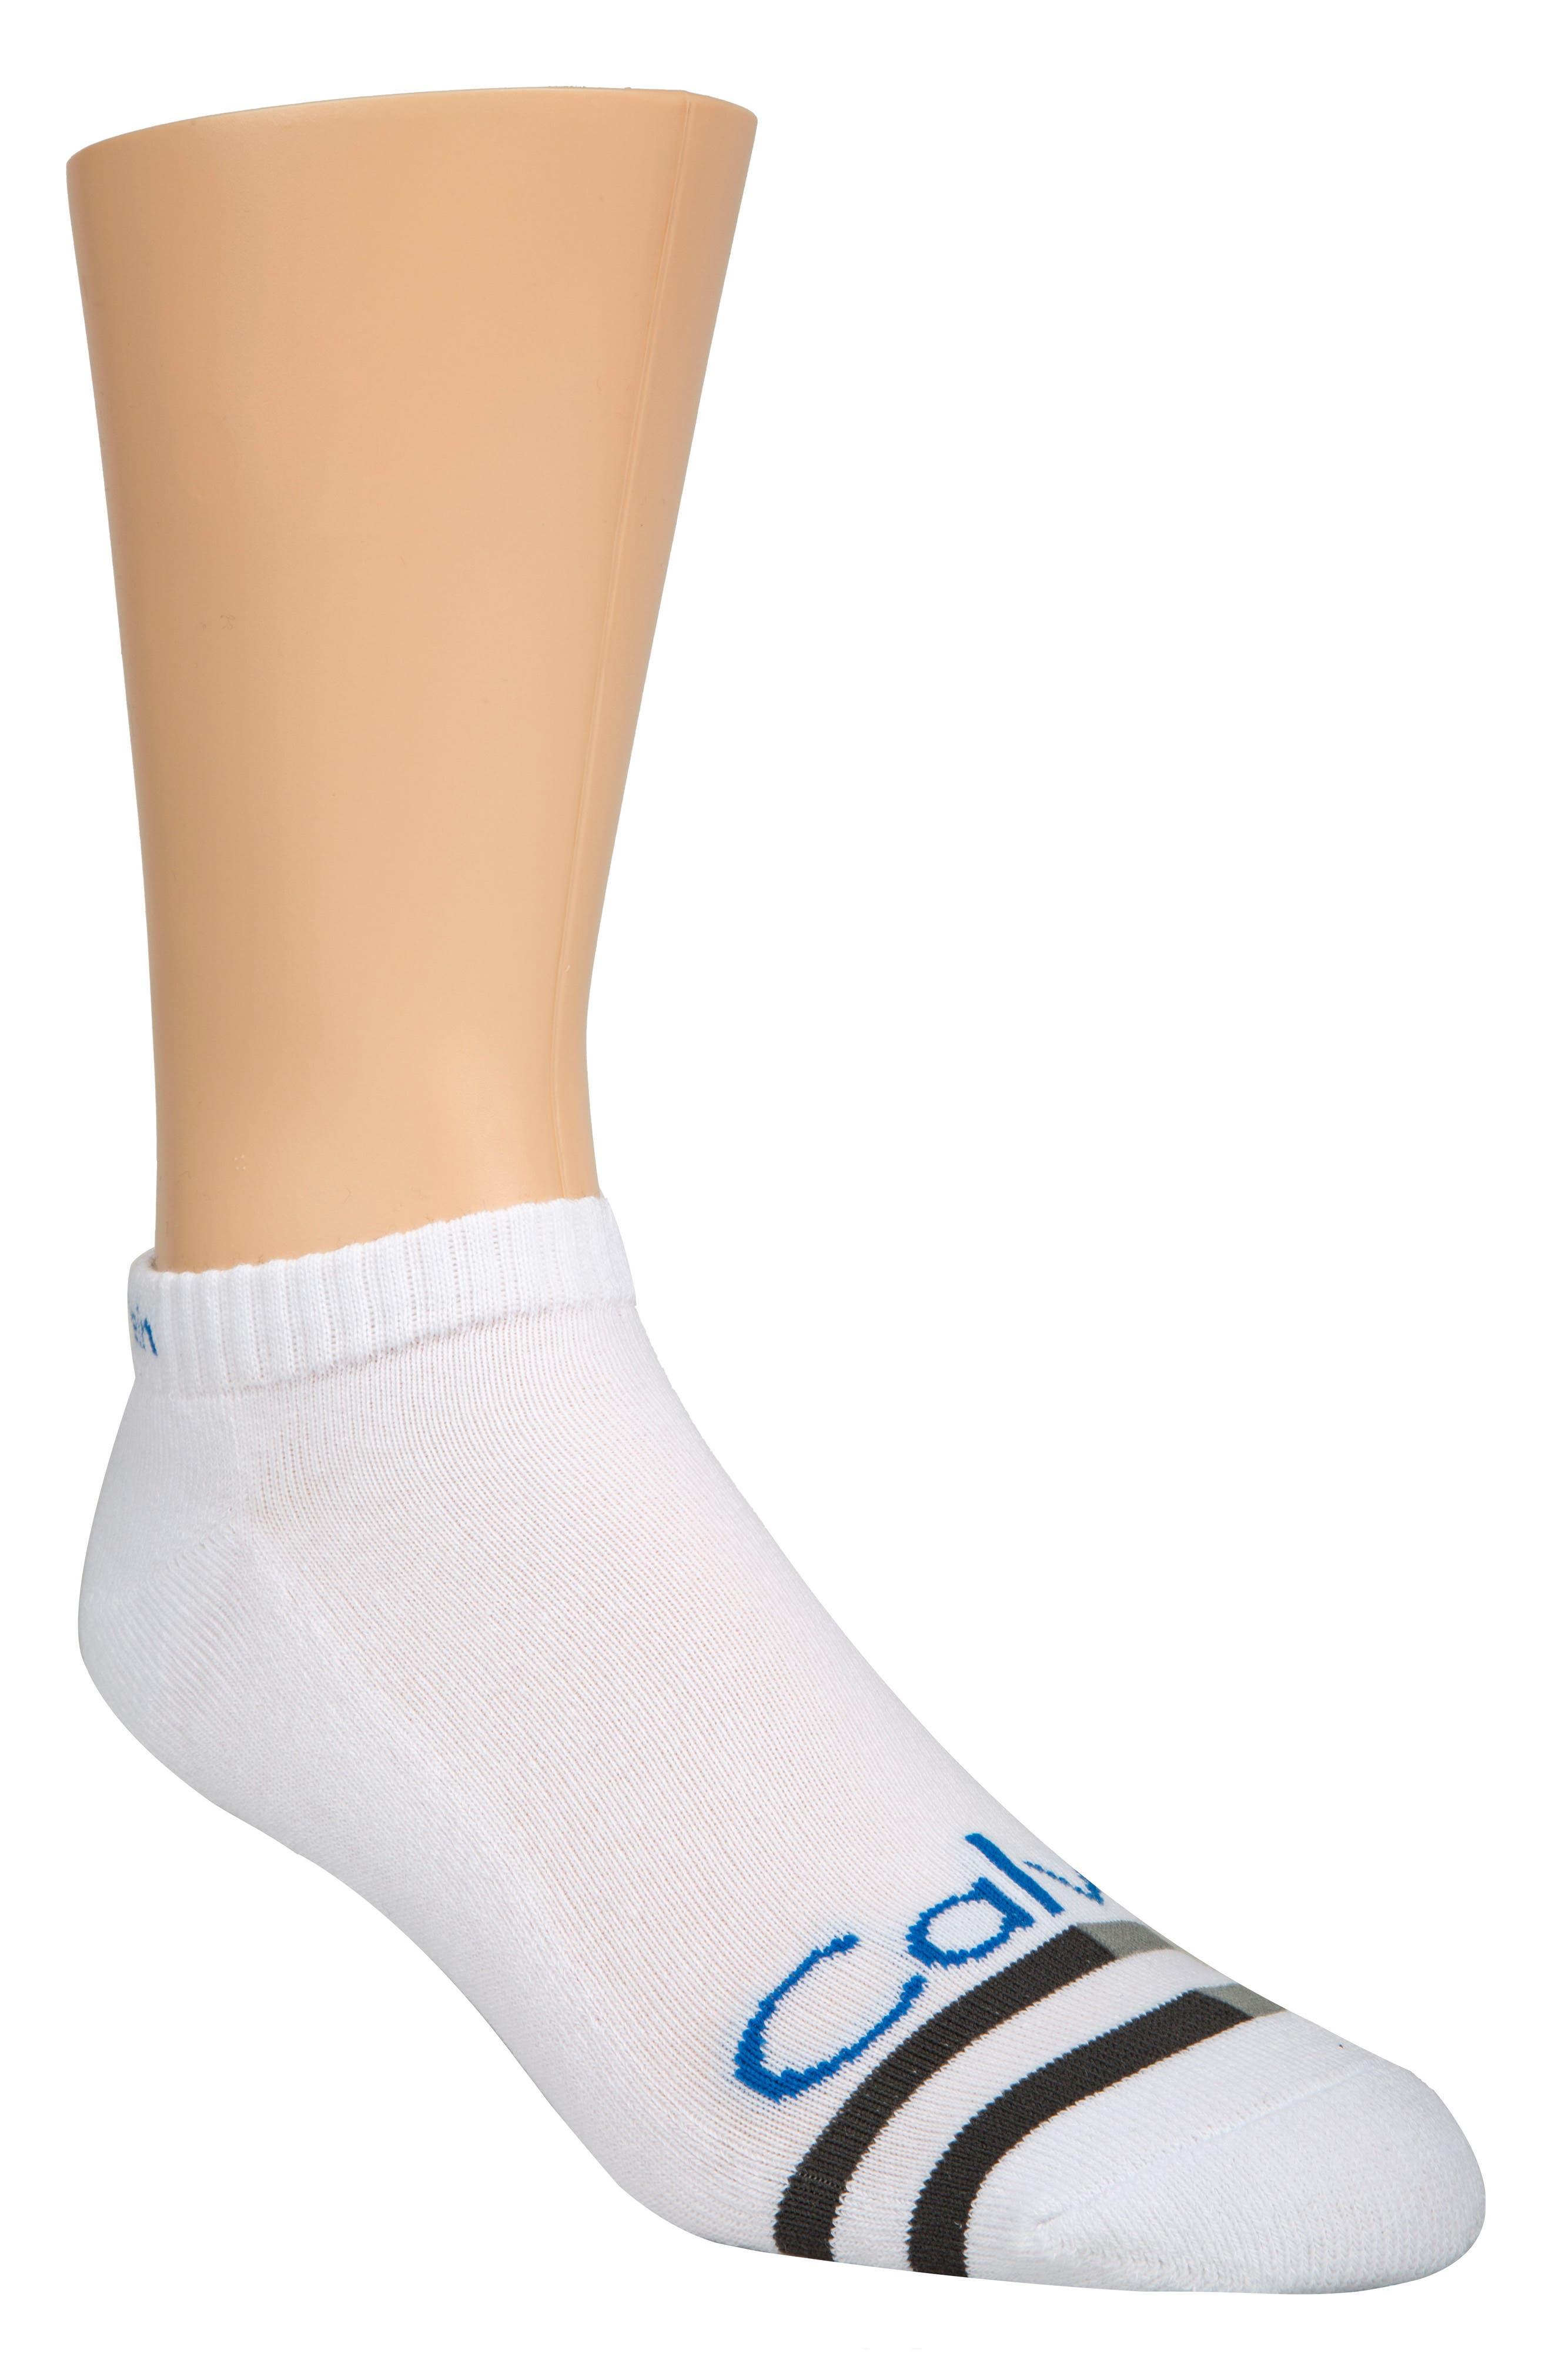 Logo Liner Socks,                         Main,                         color, White